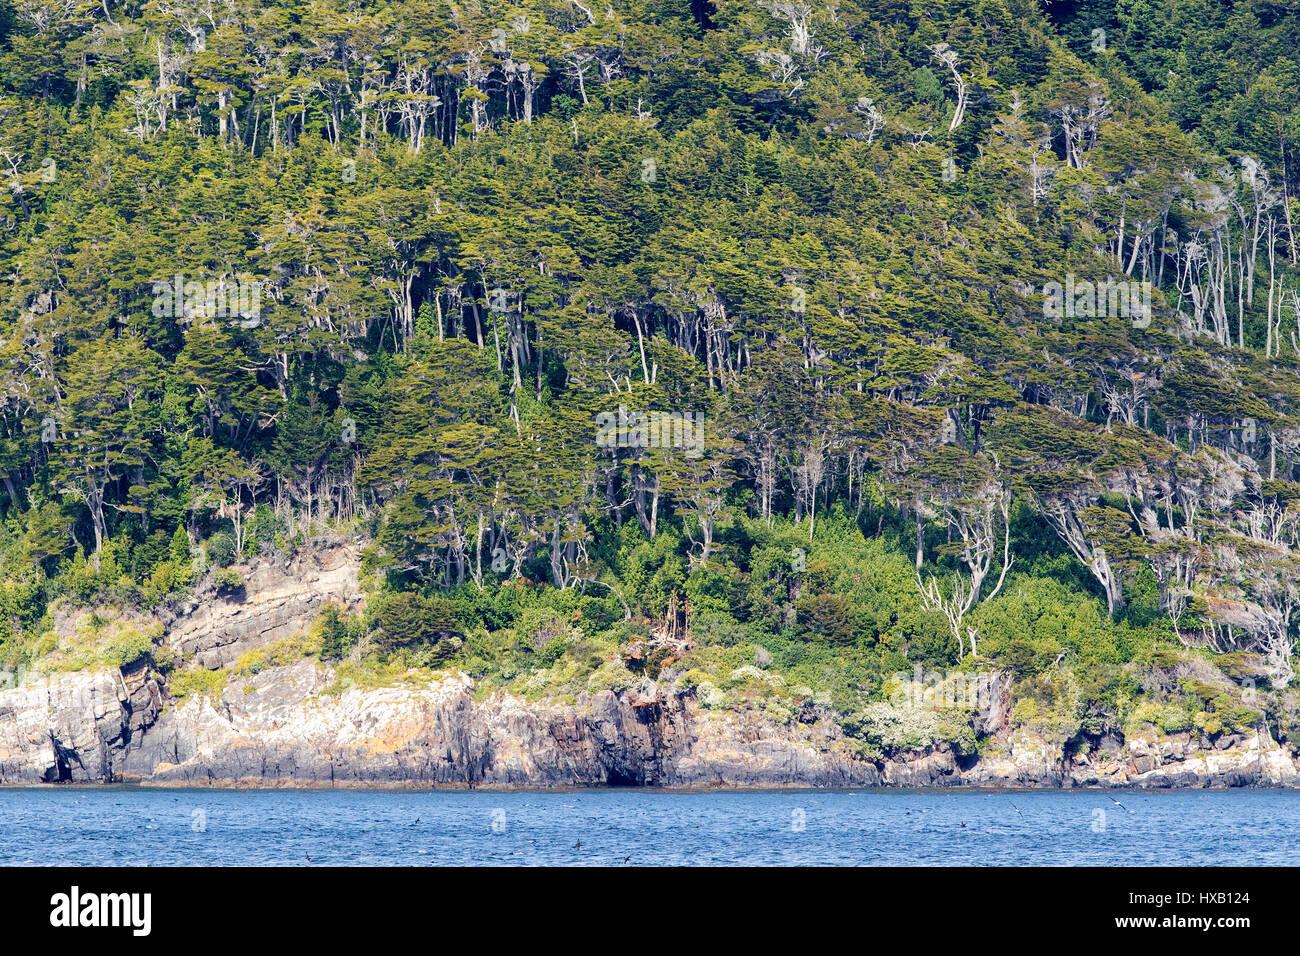 Forêt de hêtres sur les rives du canal de Beagle, en Patagonie, au Chili. Photo Stock